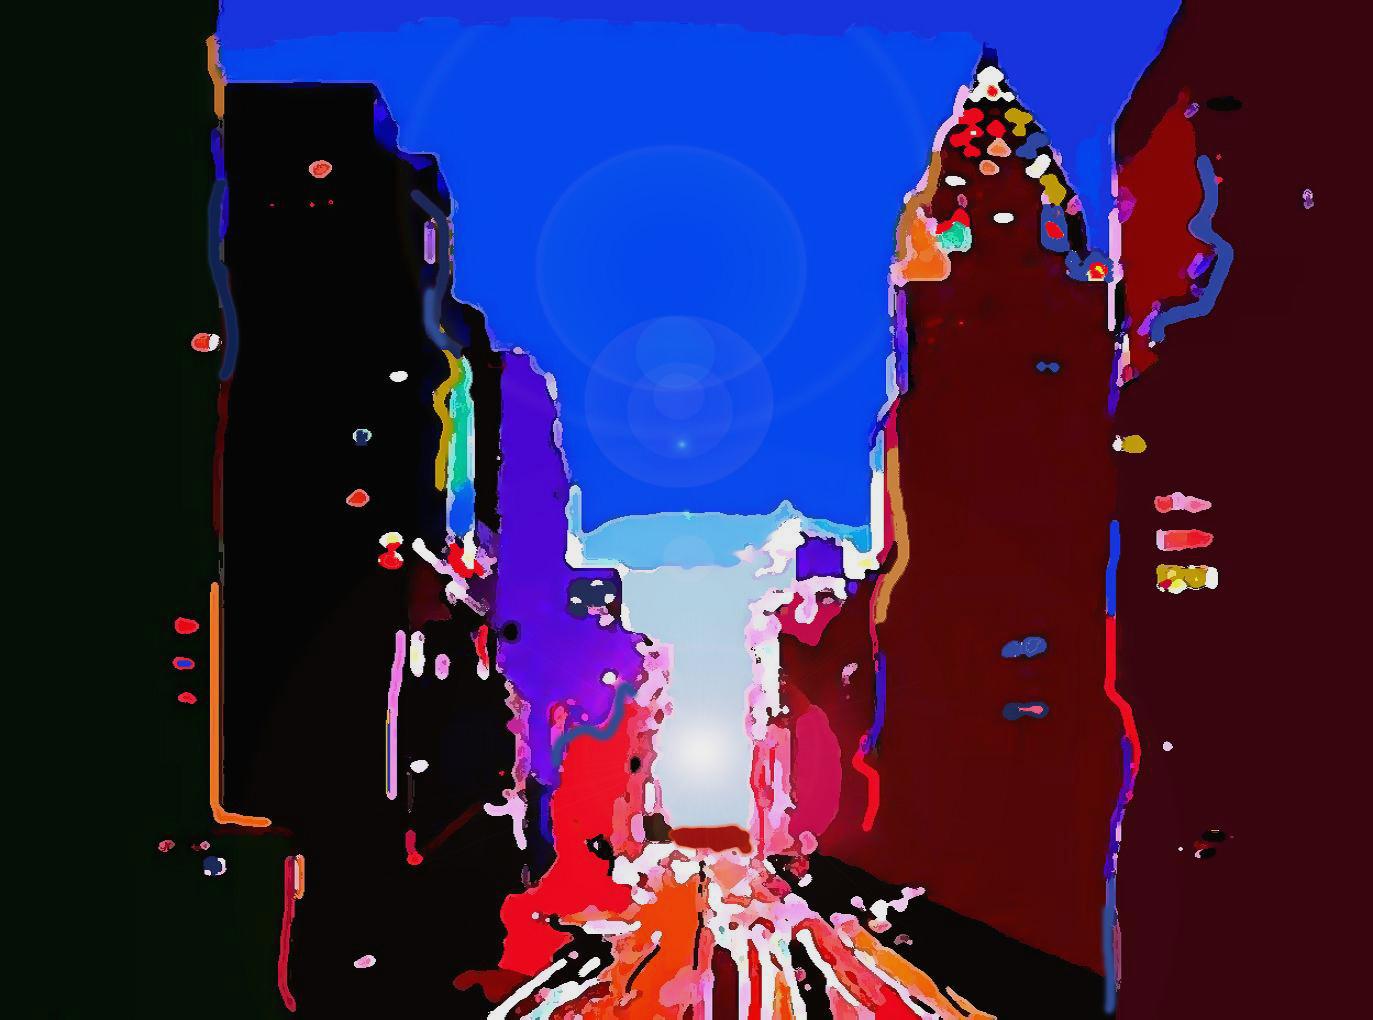 Big City Sunset artwork by Vesa Peltonen - art listed for sale on Artplode